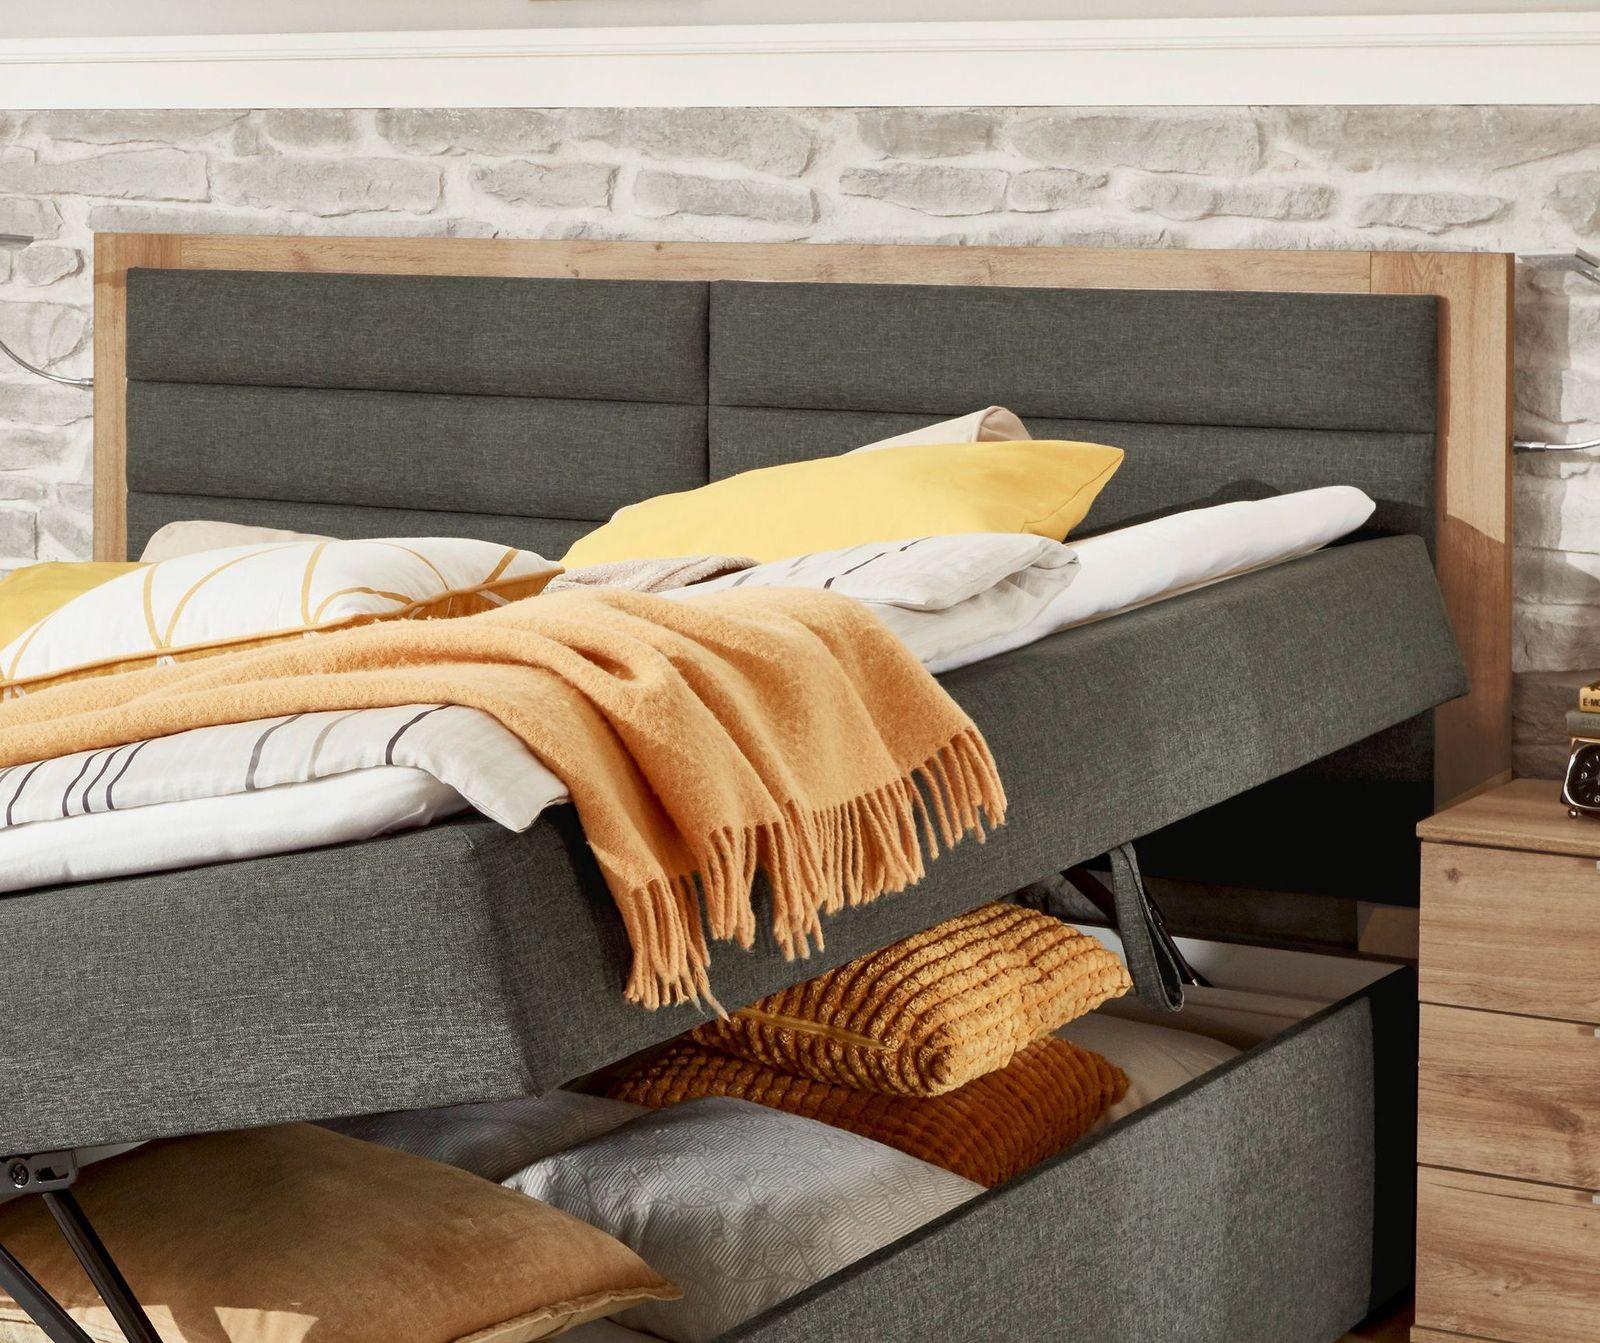 funktions polsterbett mit matratze und topper anthrazit rovito. Black Bedroom Furniture Sets. Home Design Ideas